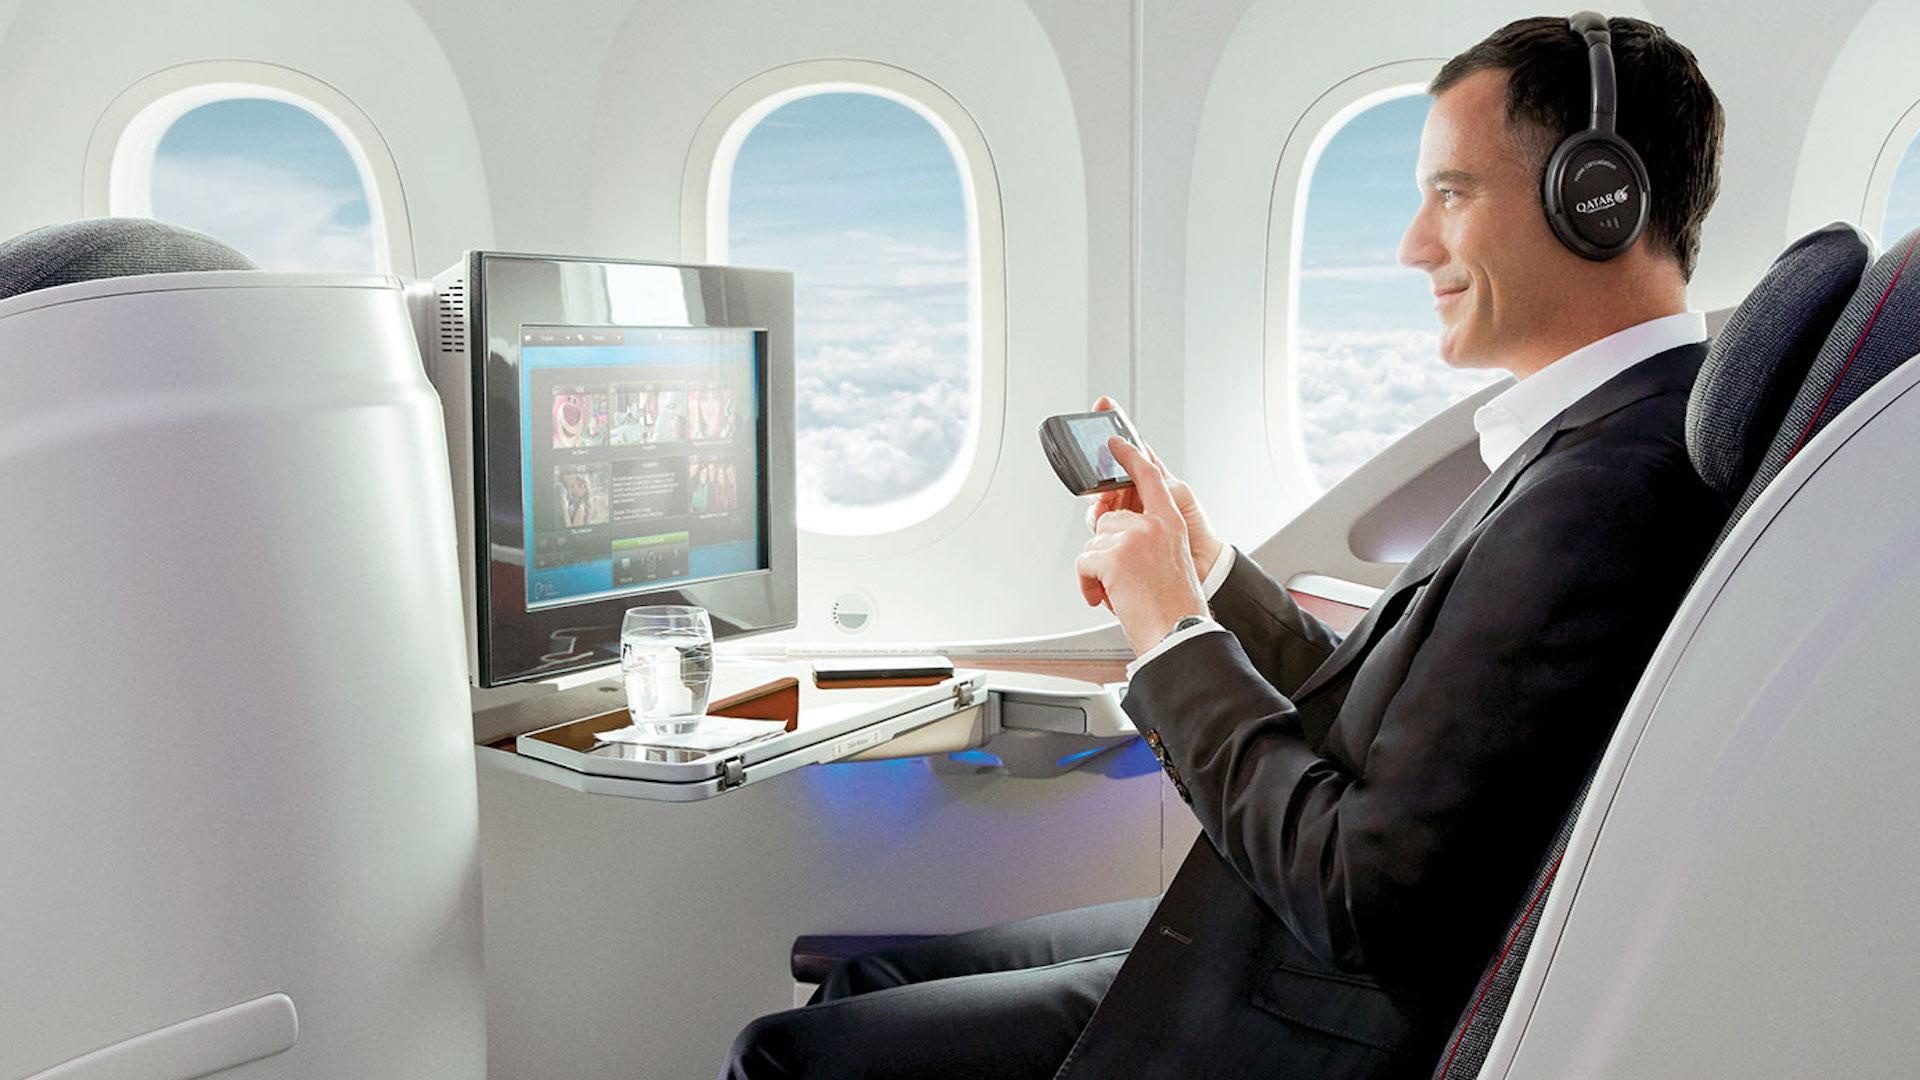 Qatar con ofertas para volar a Dubái, Abu Dhabi y San Pablo, entre otros destinos